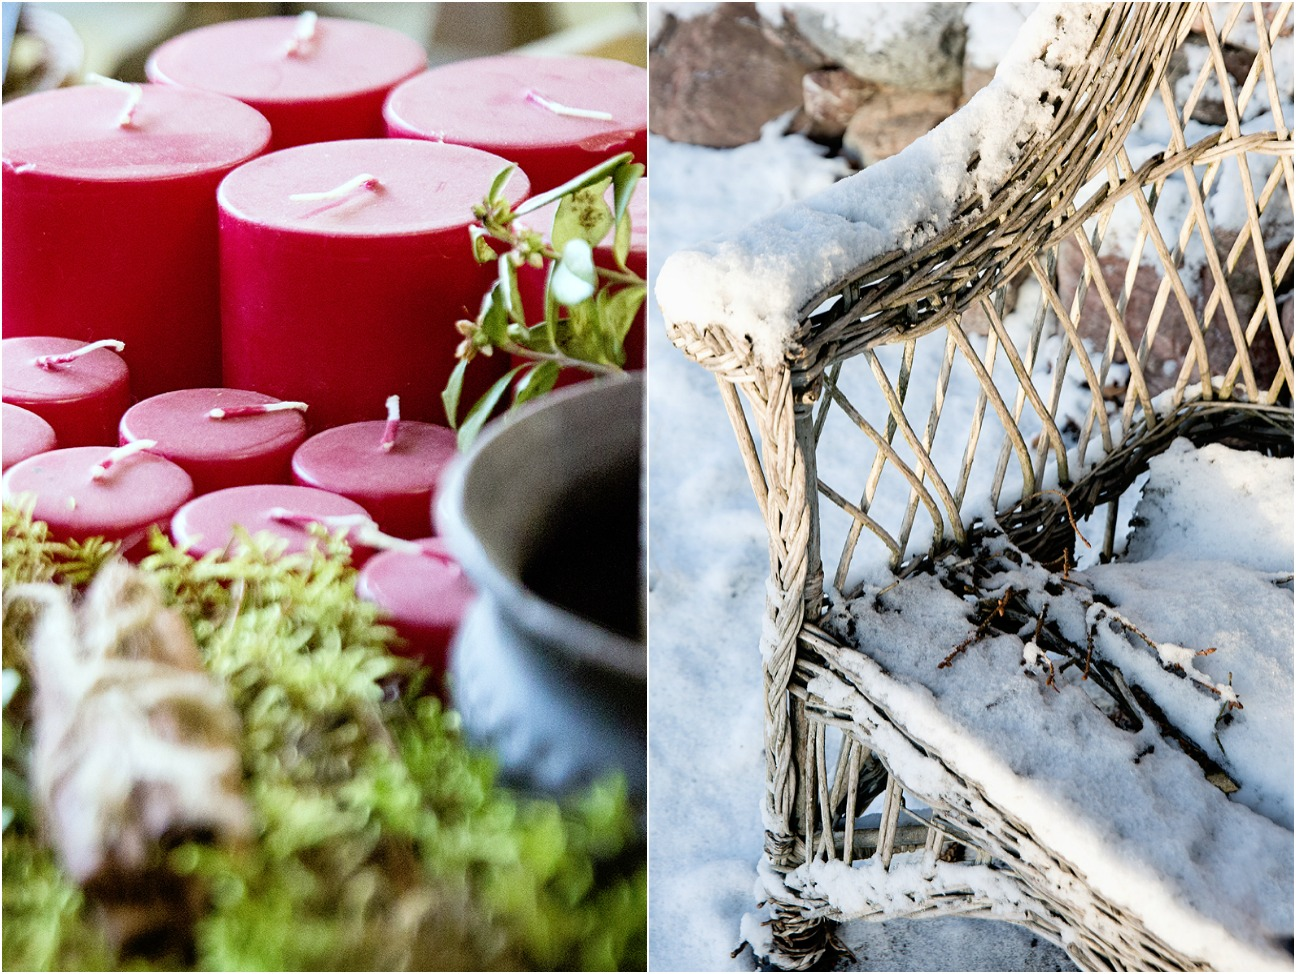 Vanha-Vanto, joulumarkkinat, joulumyyjäiset, myyjäiset, Raisio, Turku, Putiikki Vanha-Vanto, joulu, talvi